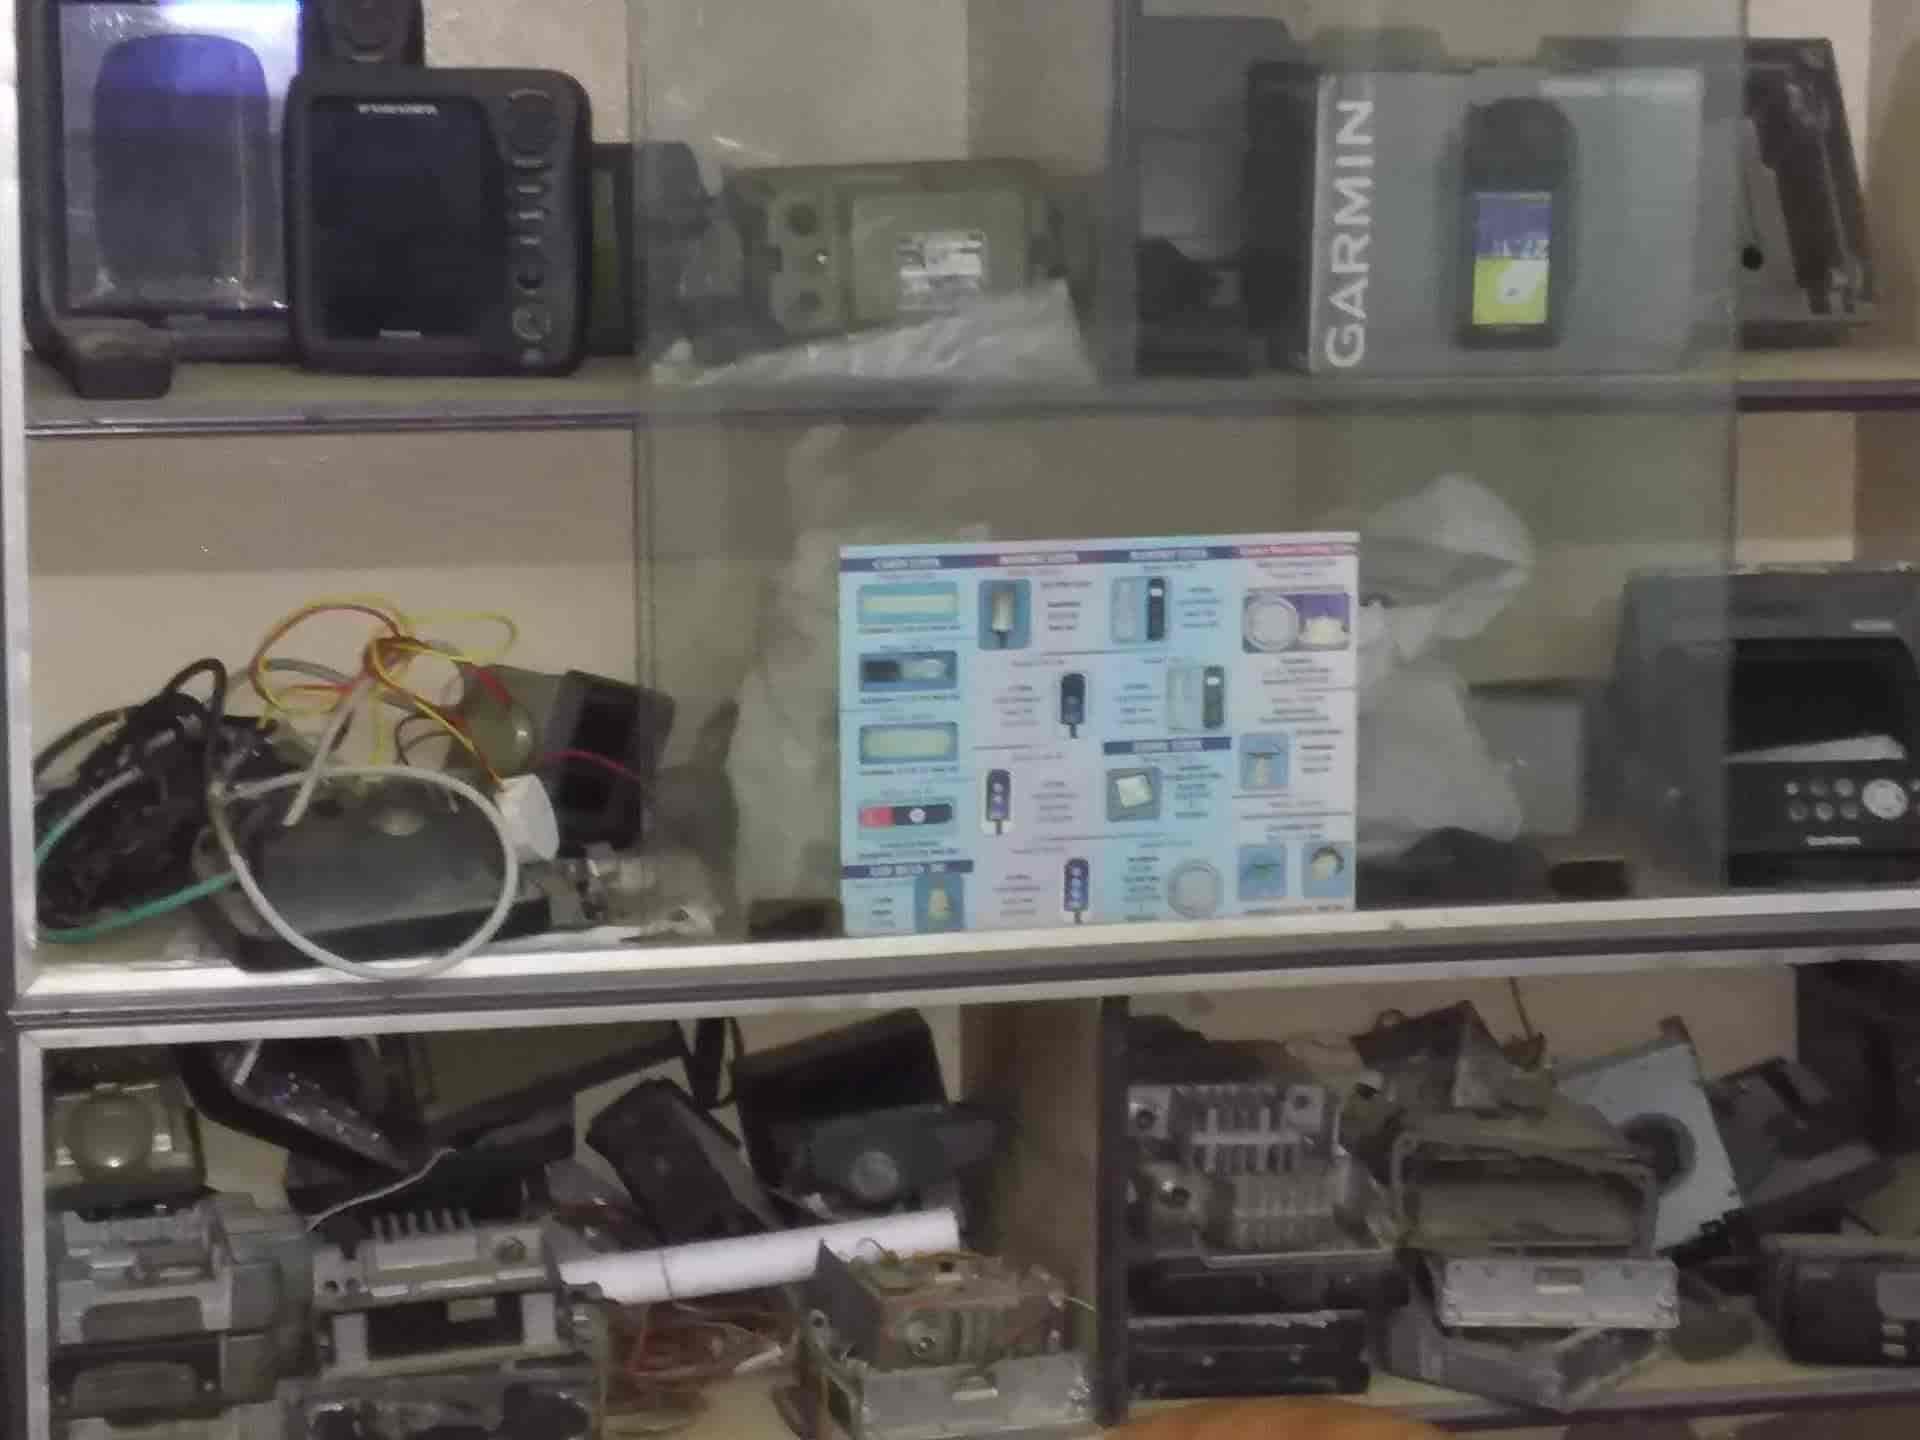 ABI Marine Electronics